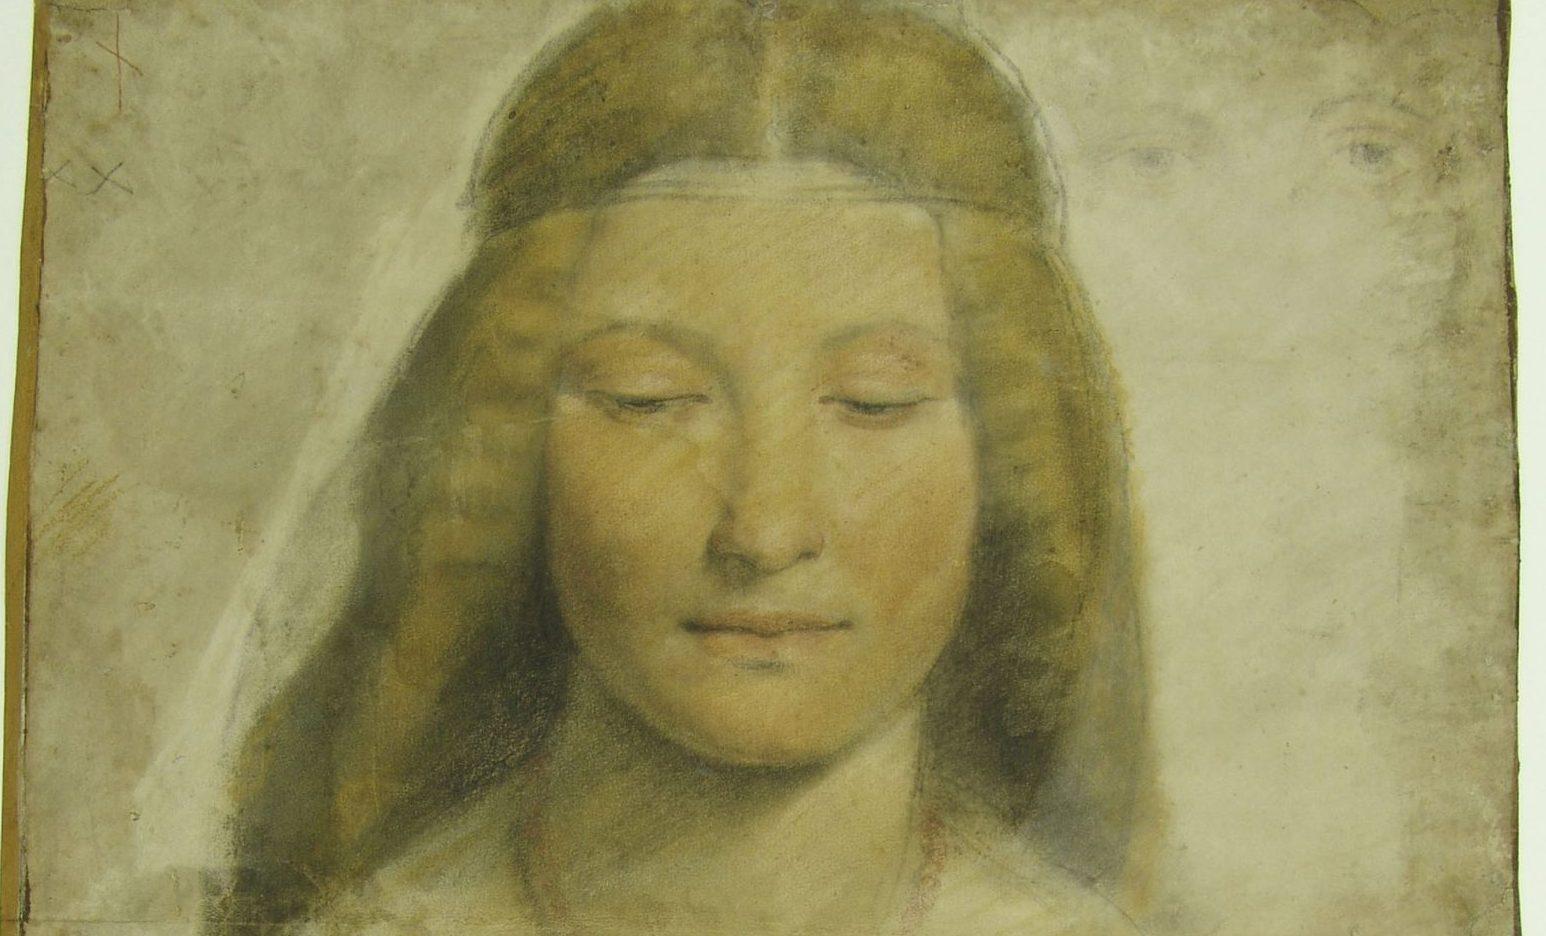 Penne, inchiostri e punte metalliche. I disegni di Leonardo e allievi alla Pinacoteca Ambrosiana